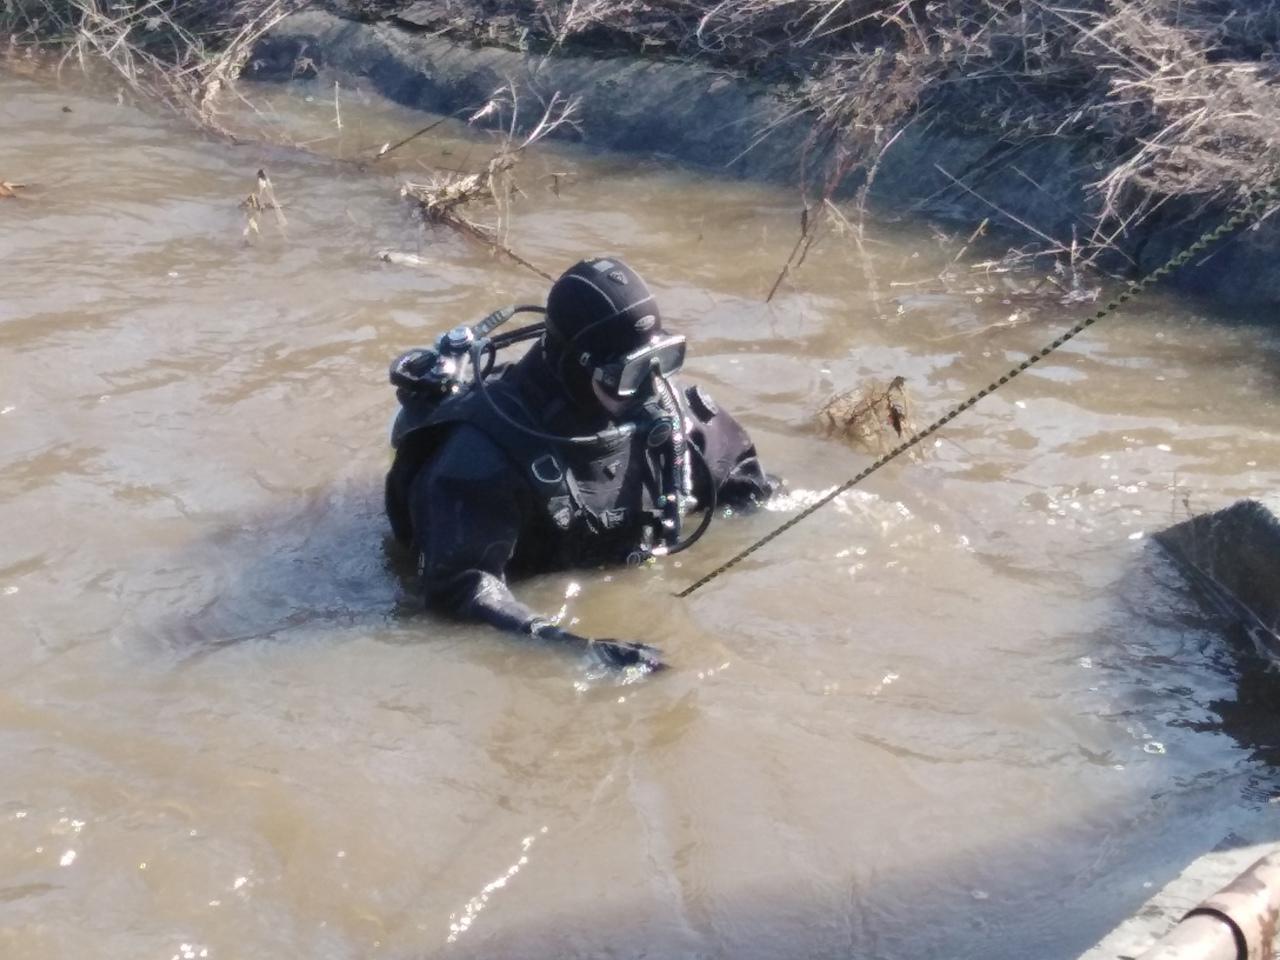 Фото Водолазы обследуют дно реки после исчезновения 6-летнего Максима Фёдорова под Новосибирском 2